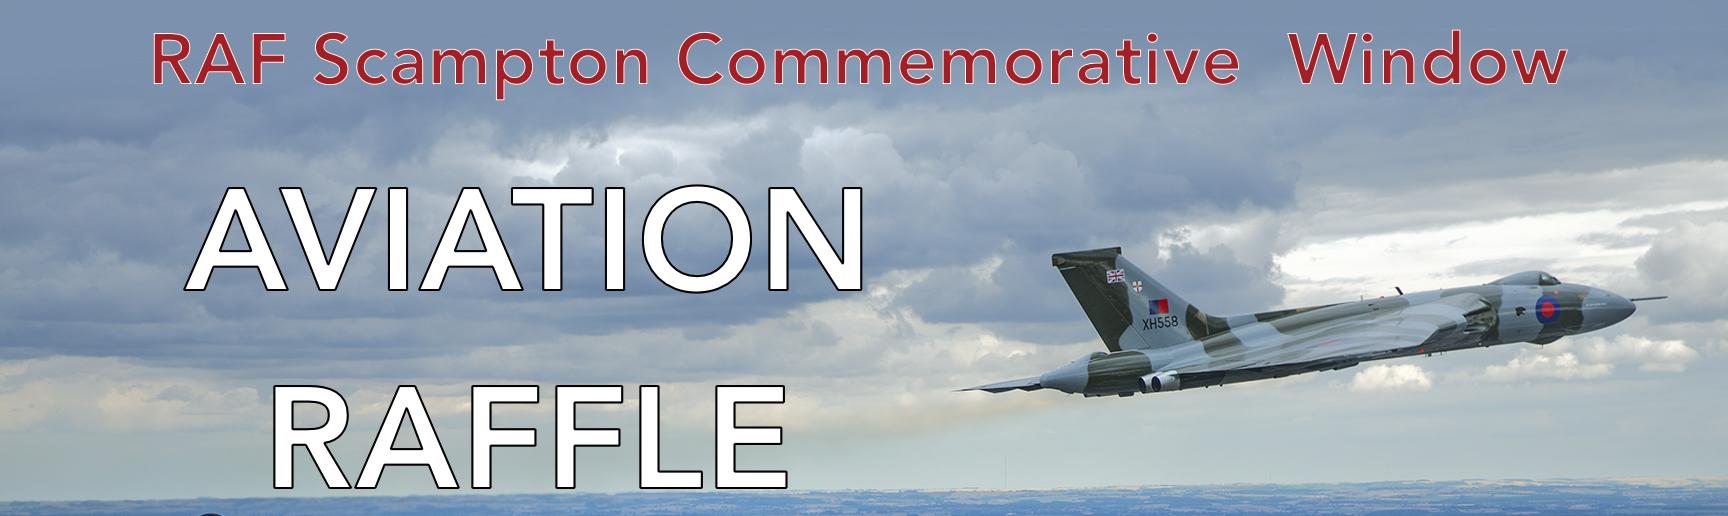 Aviation Raffle Header